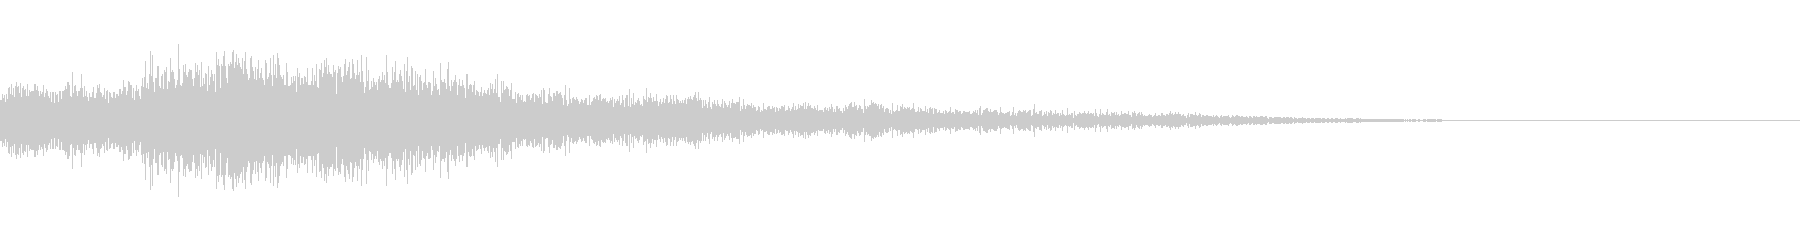 [チャララン]リザルト(落ち着いた感じ)の未再生の波形